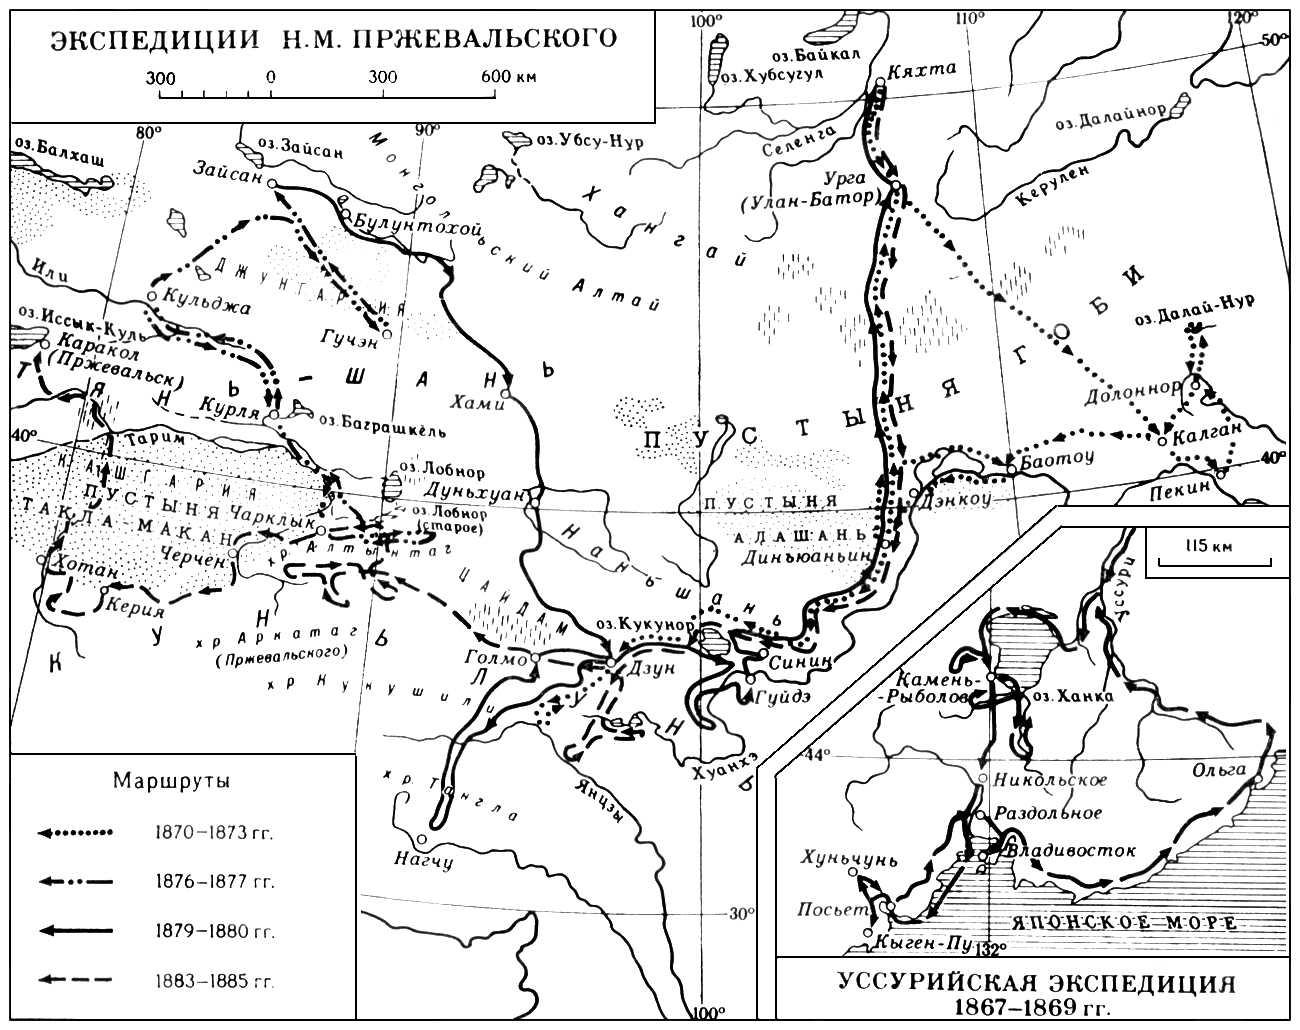 Экспедиции Н. М. Пржевальского. Пржевальский Николай Михайлович.